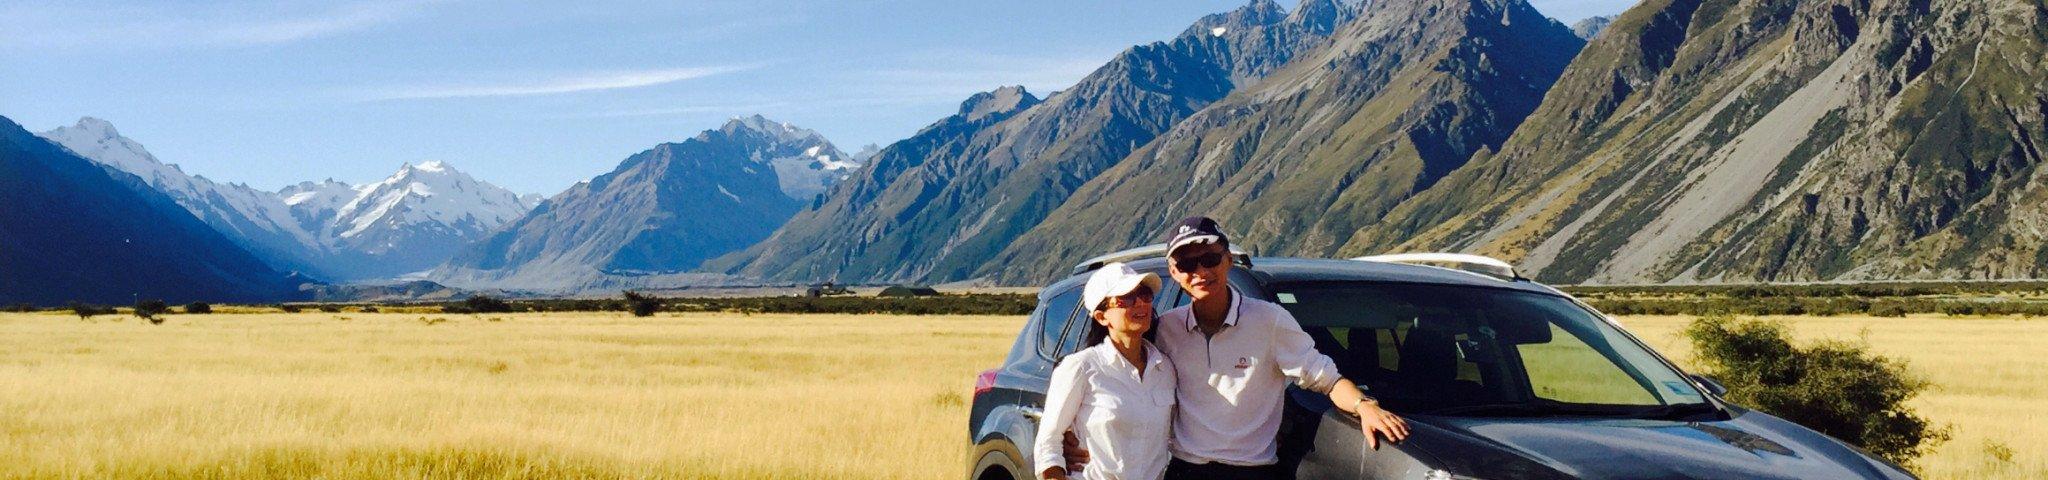 重返新西兰—阳春三月的盛装自驾游